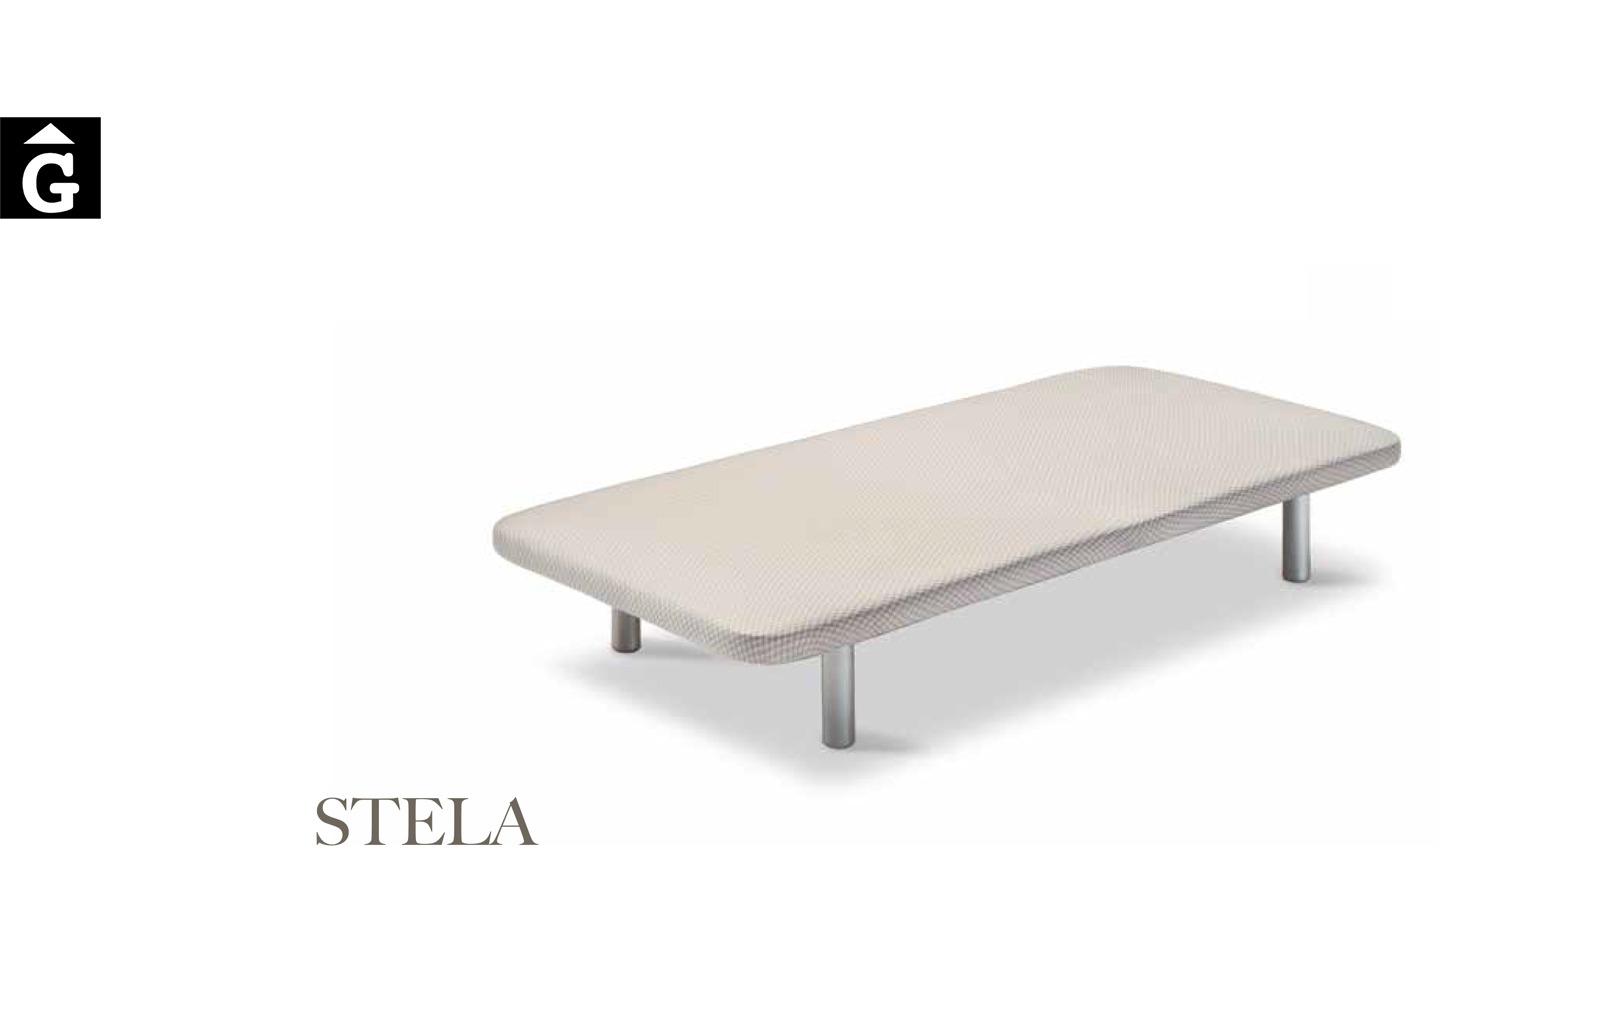 Canapé rígid Stela | Astral Nature | Equips de descans saludables realitzats amb productes naturals de qualitat | Gifreu